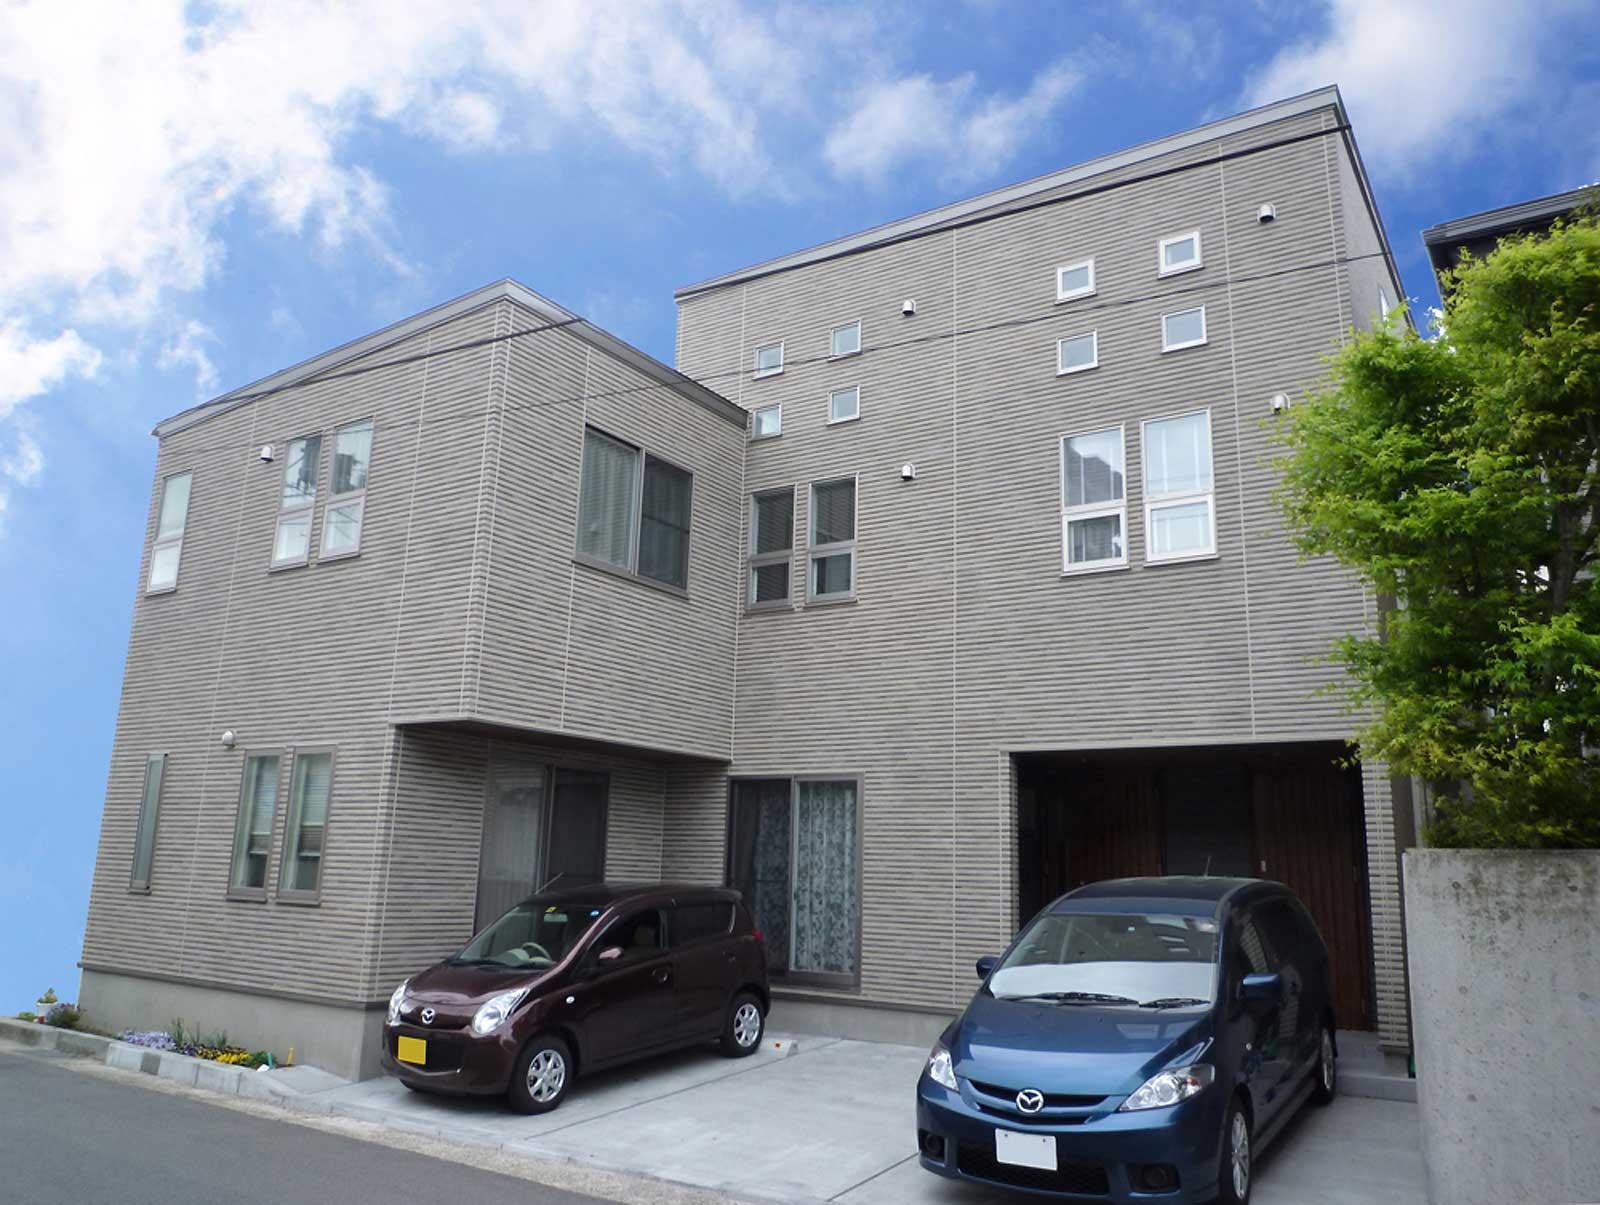 新潟市中央区H様邸 住宅外観